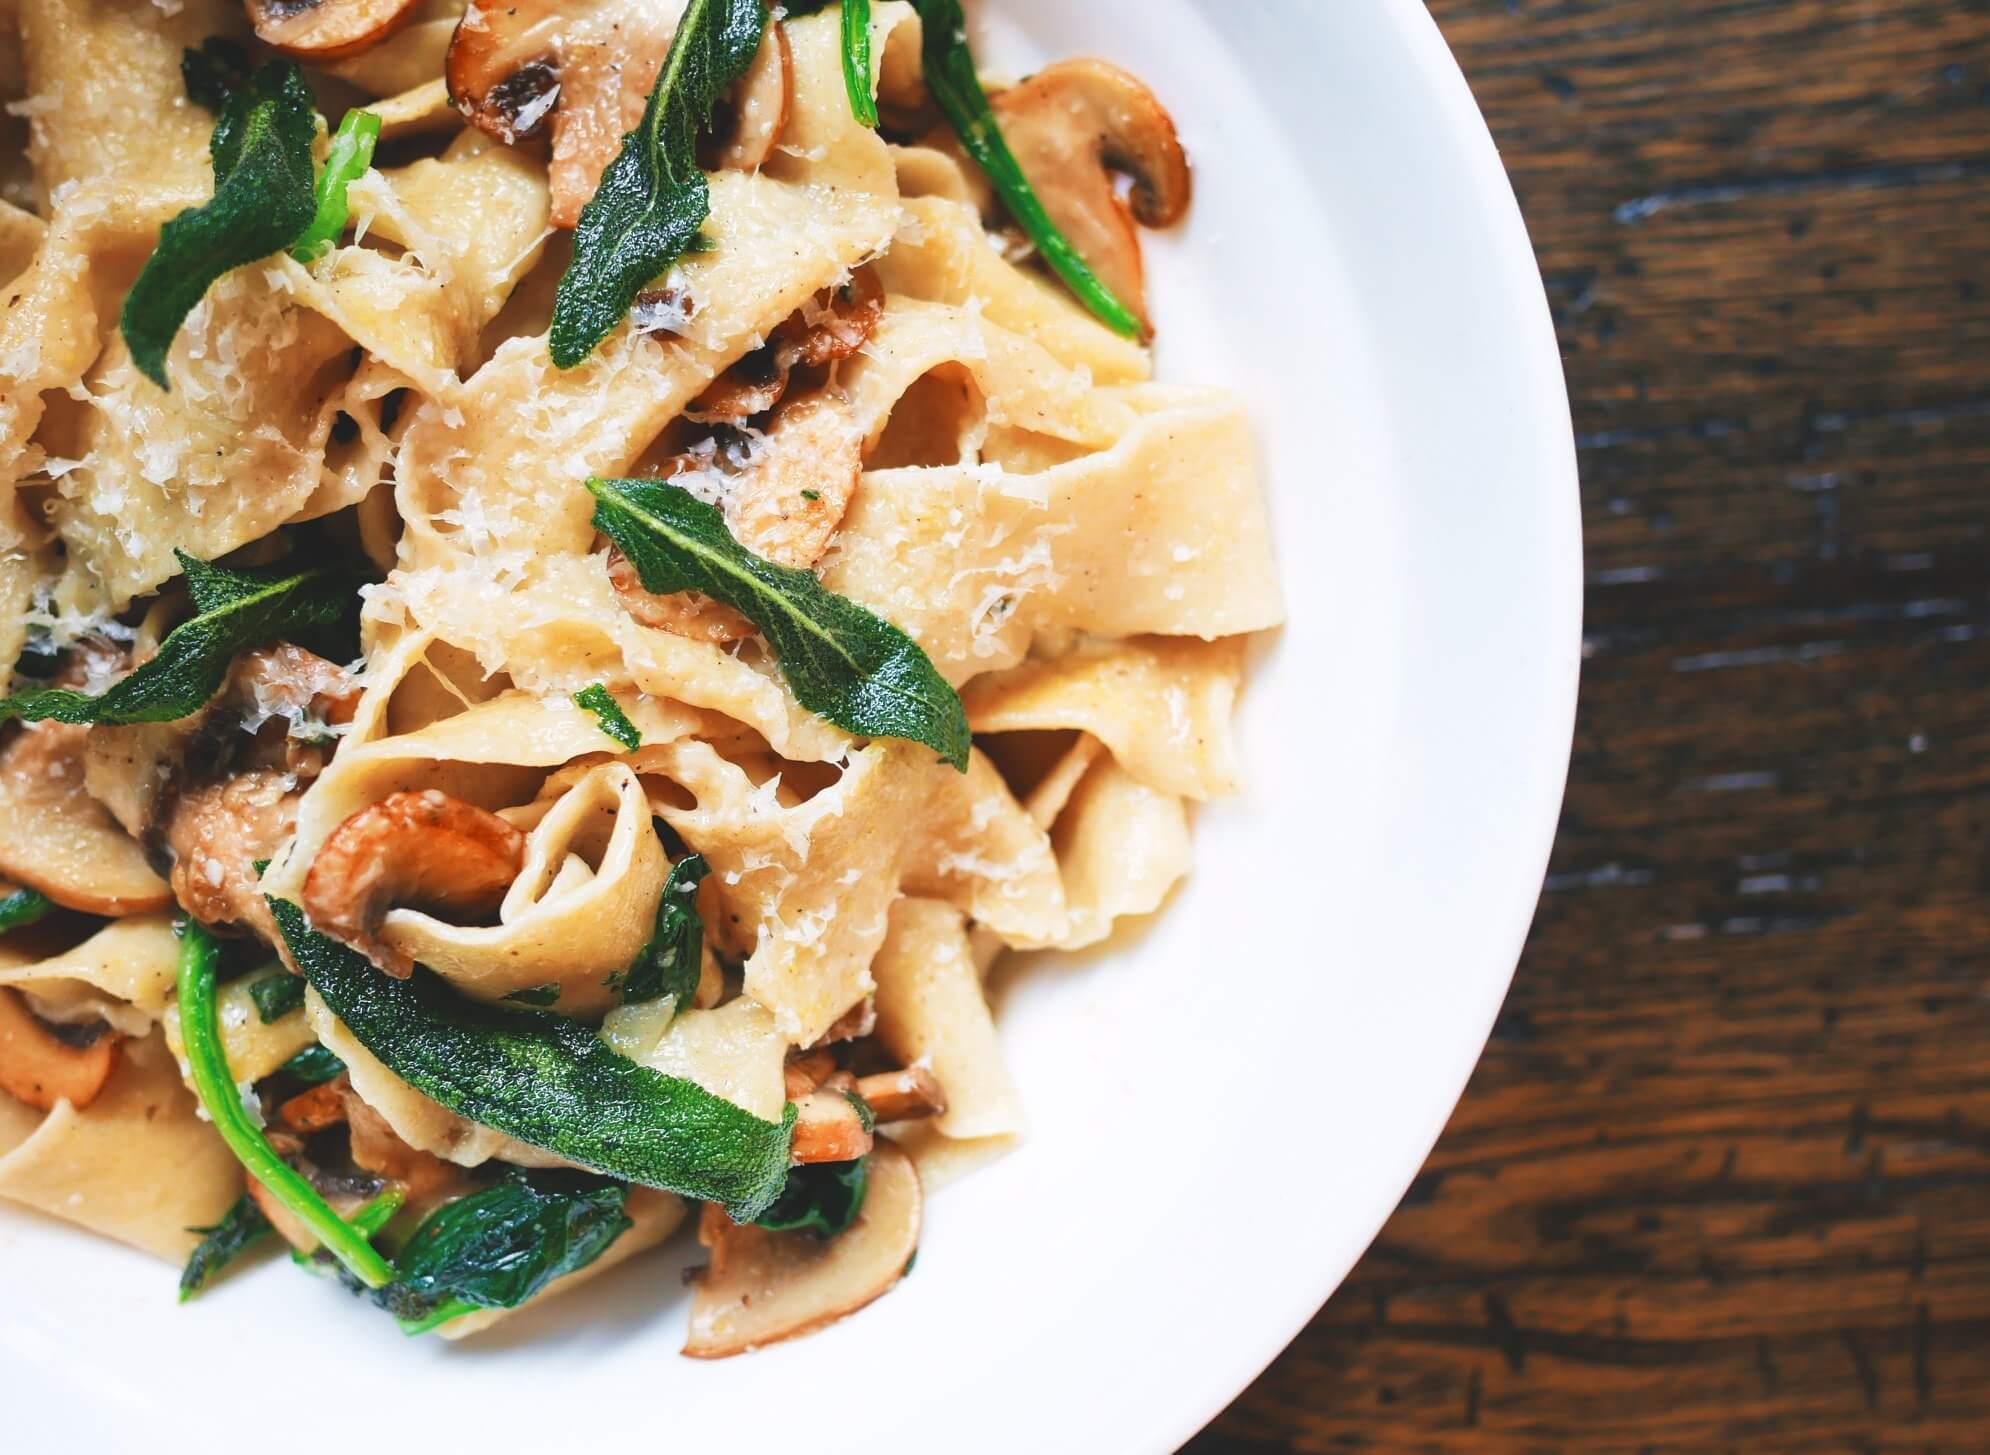 Delizioso piatto a base di funghi